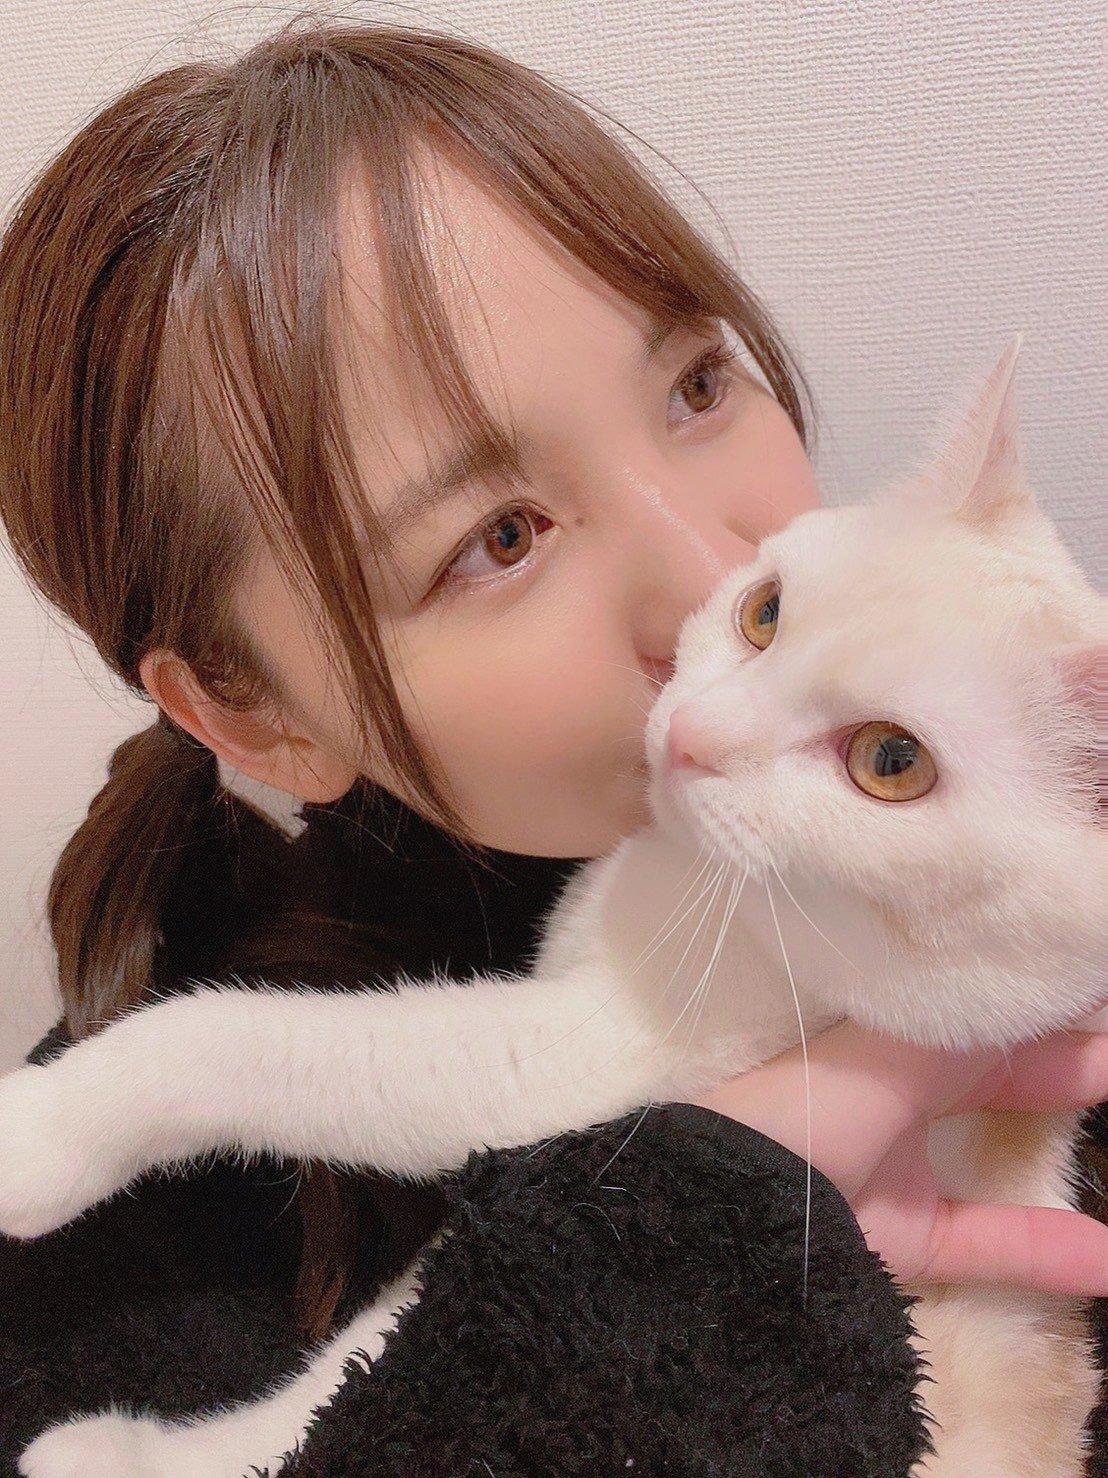 变得超大!偶像NMB48成员《本郷柚巴》蜕变网友直呼:「到底吃什么长大!」插图(1)